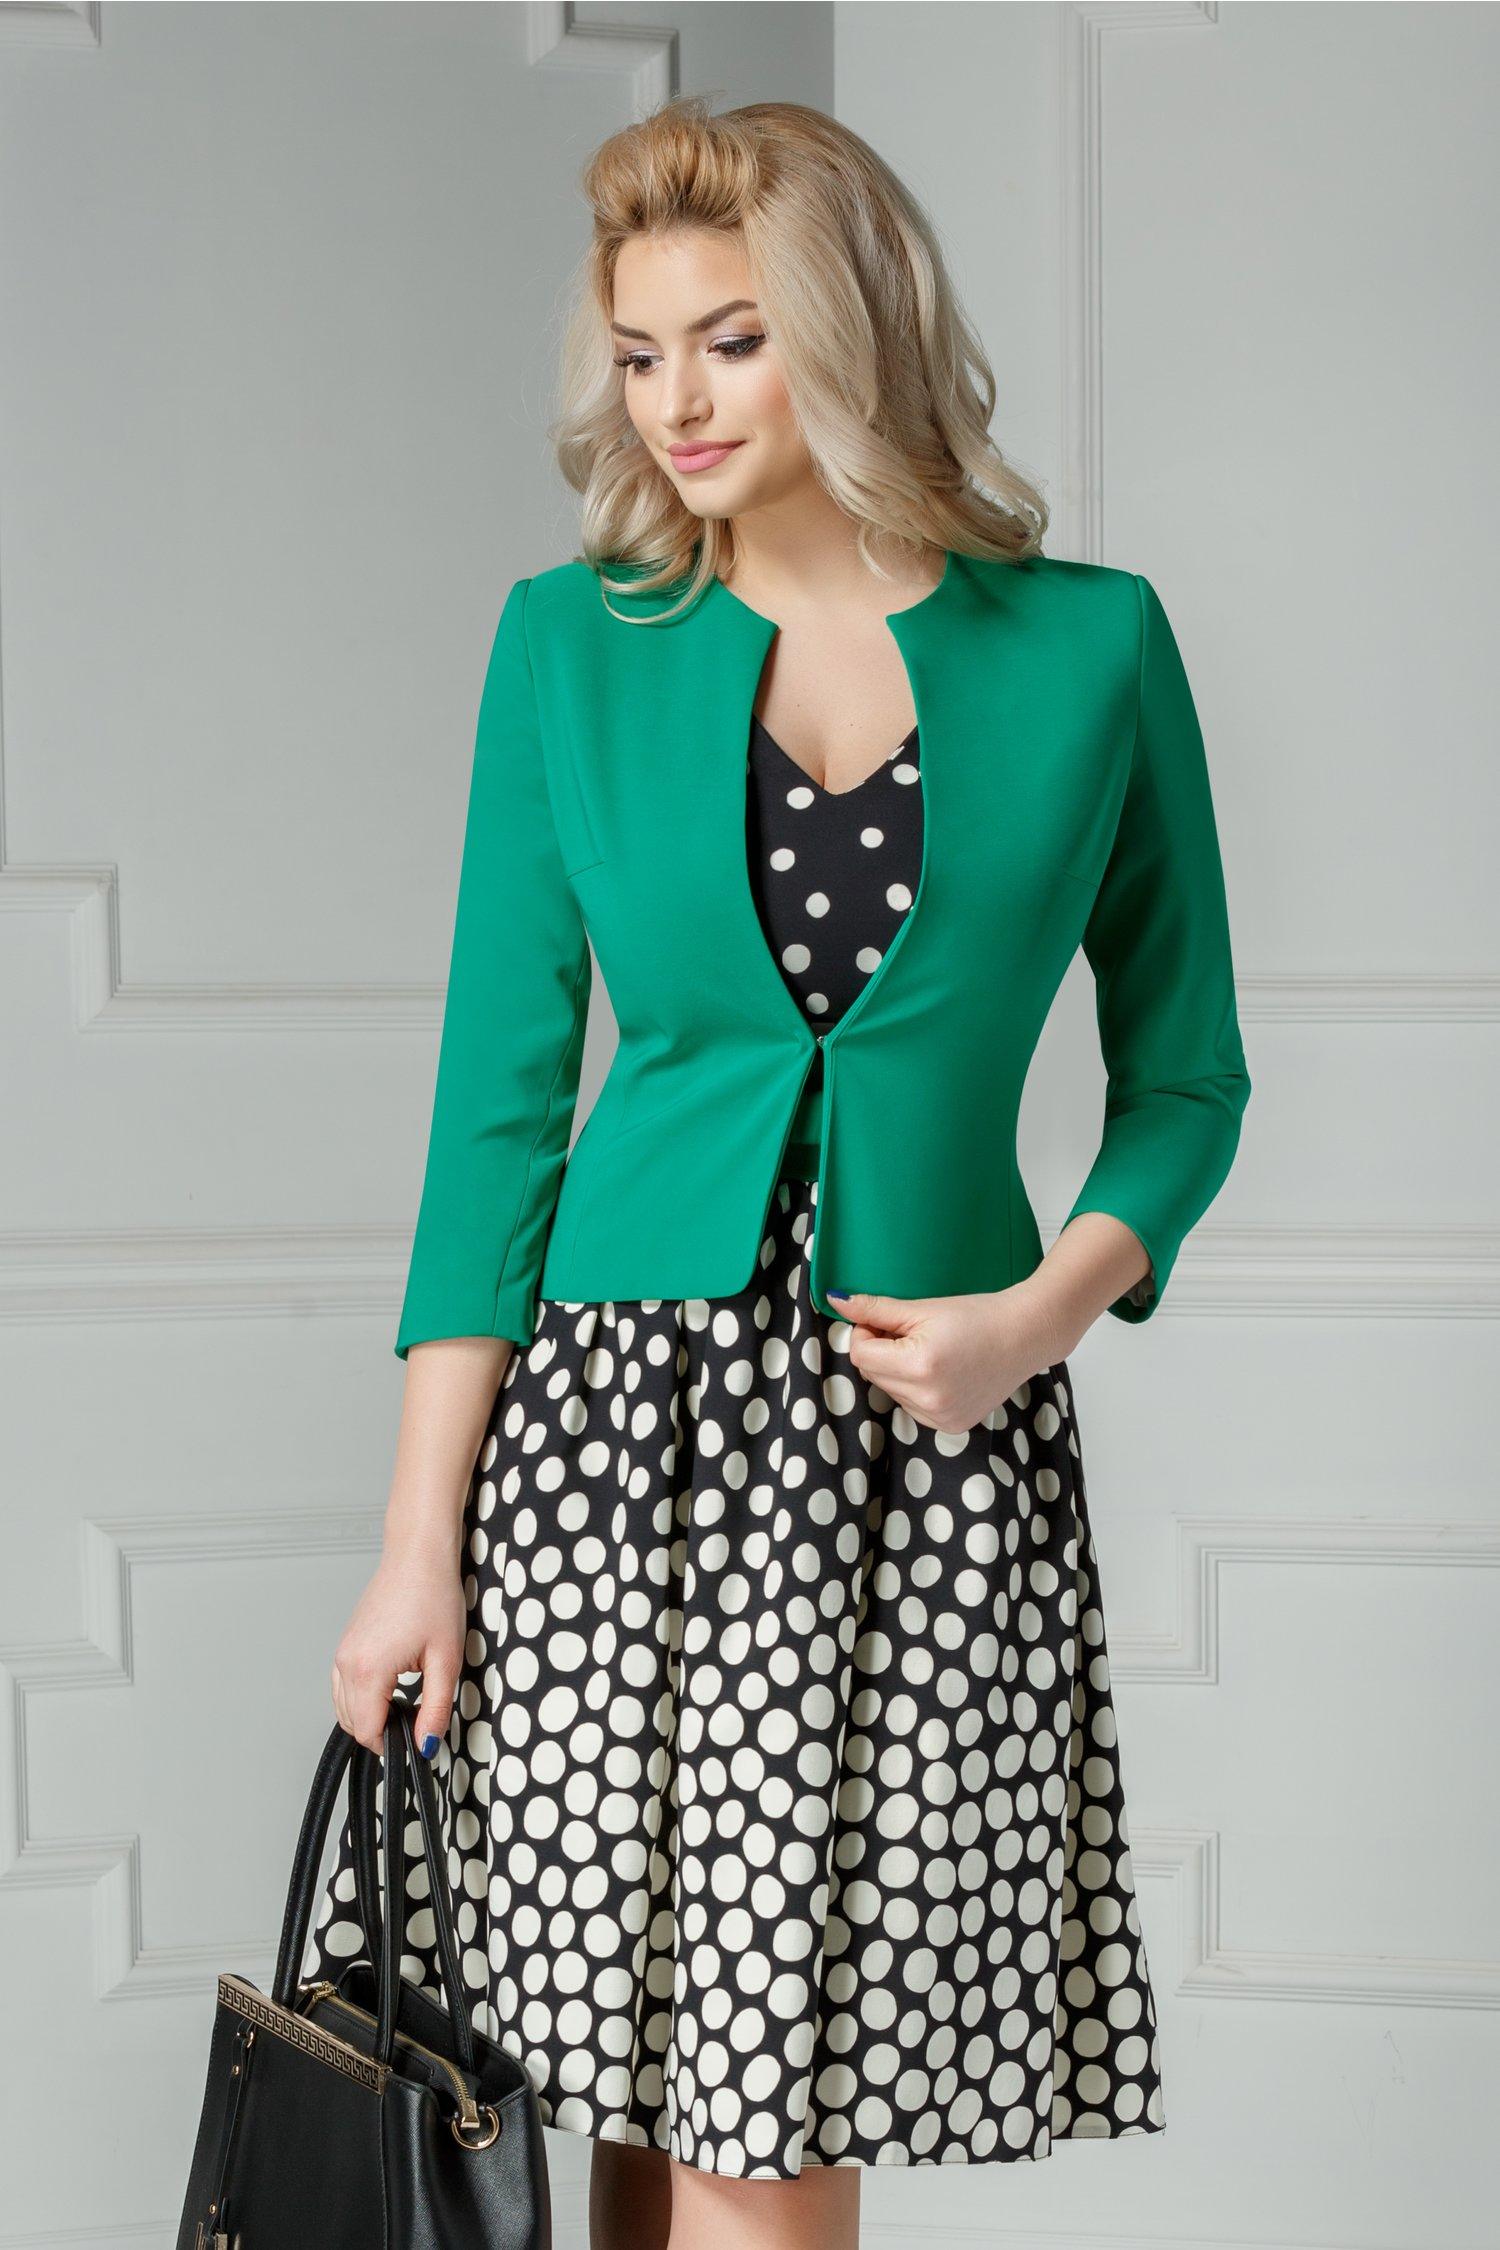 Compleu Isidor rochie cu buline sacou verde